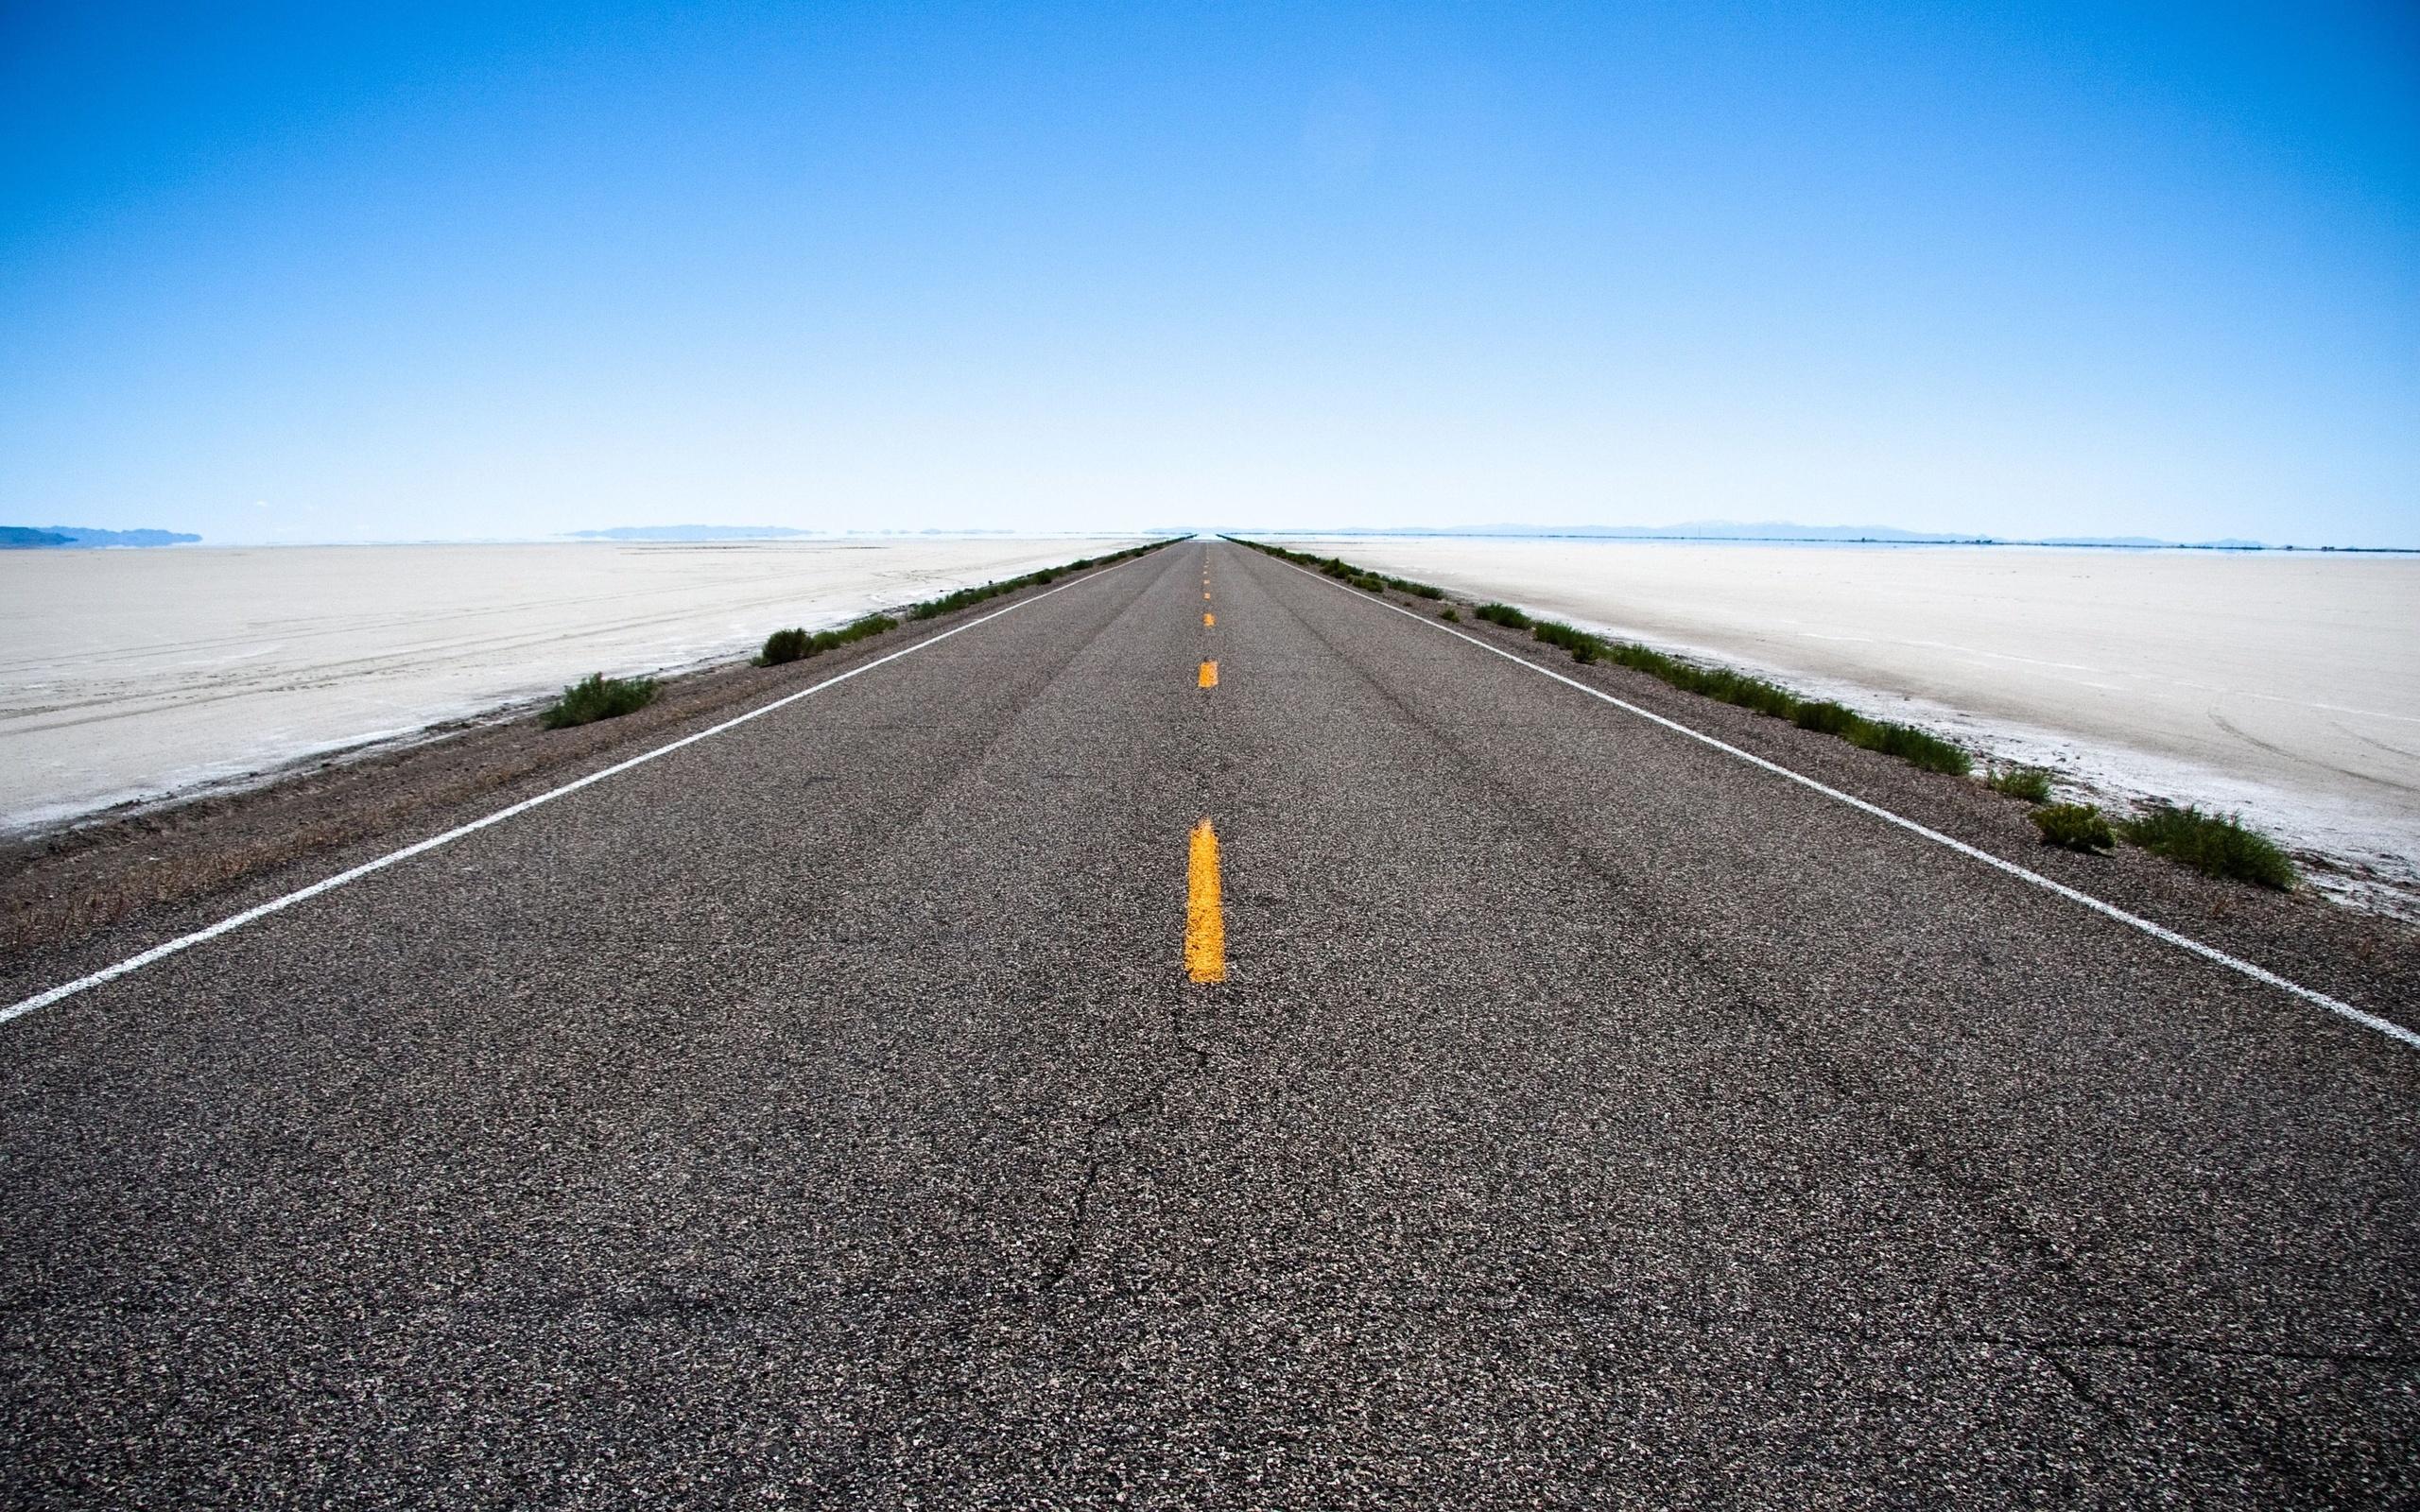 картинки дорога в аэропорт